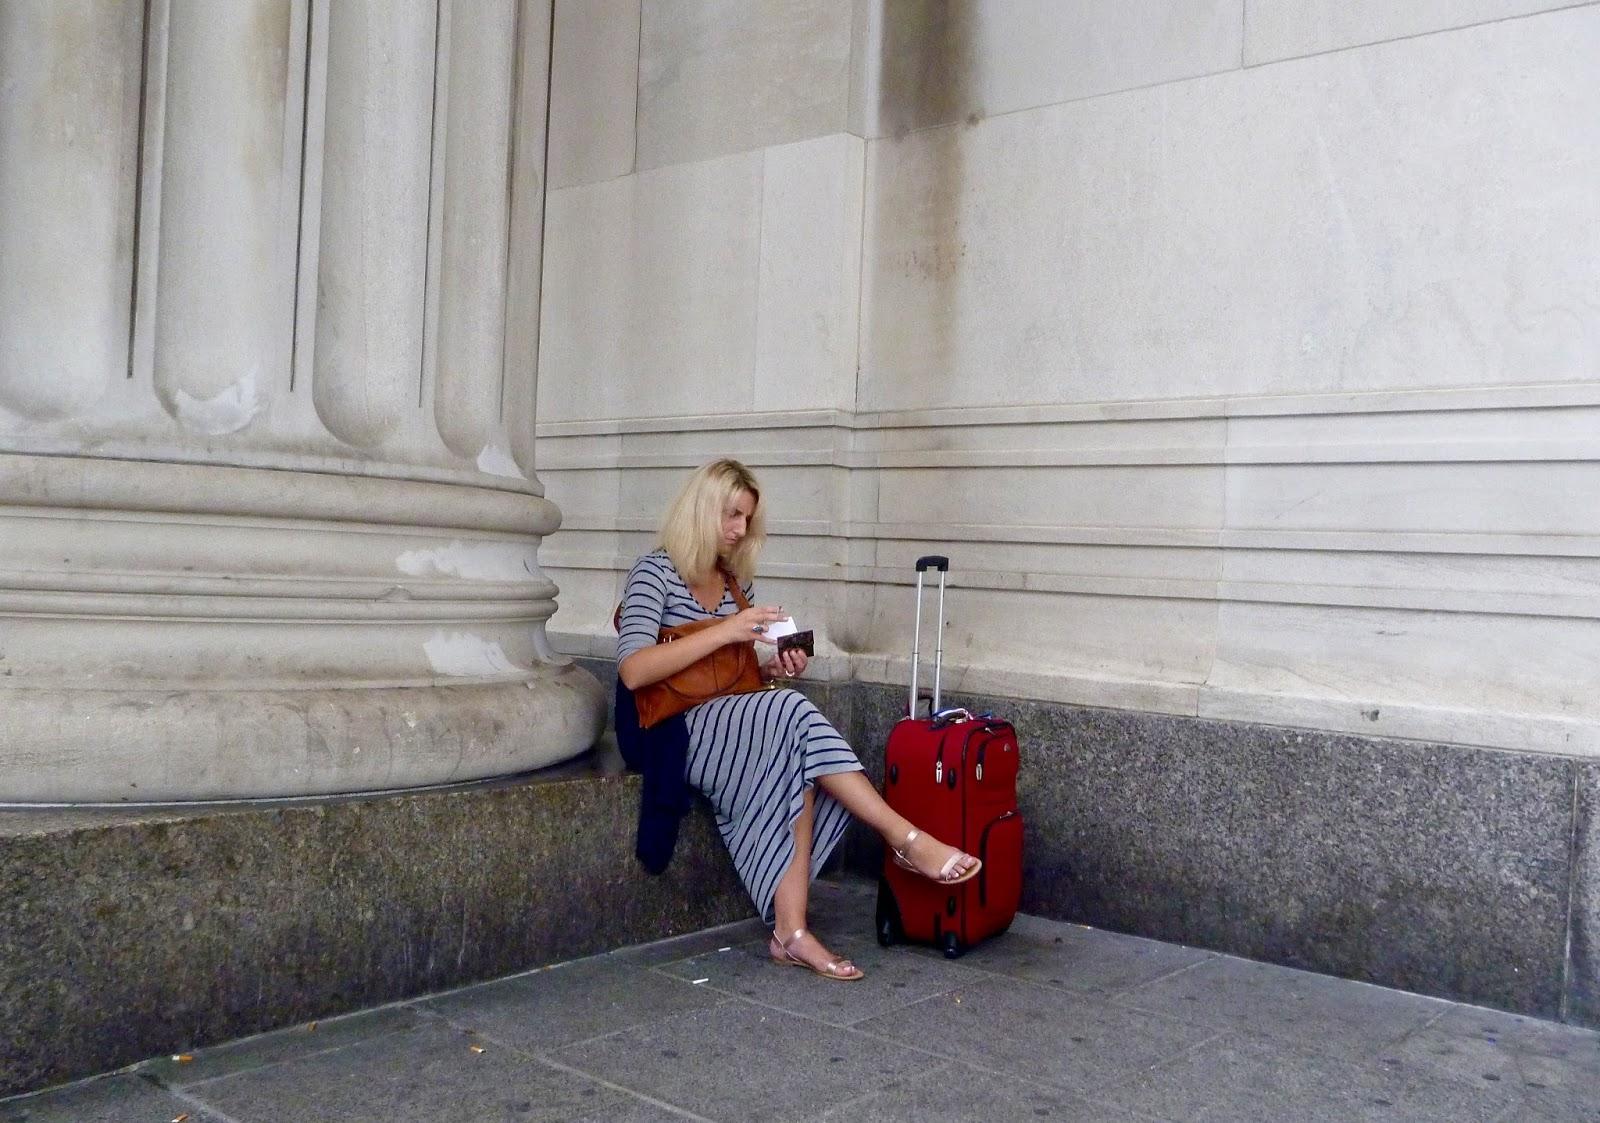 seated woman traveler smoking